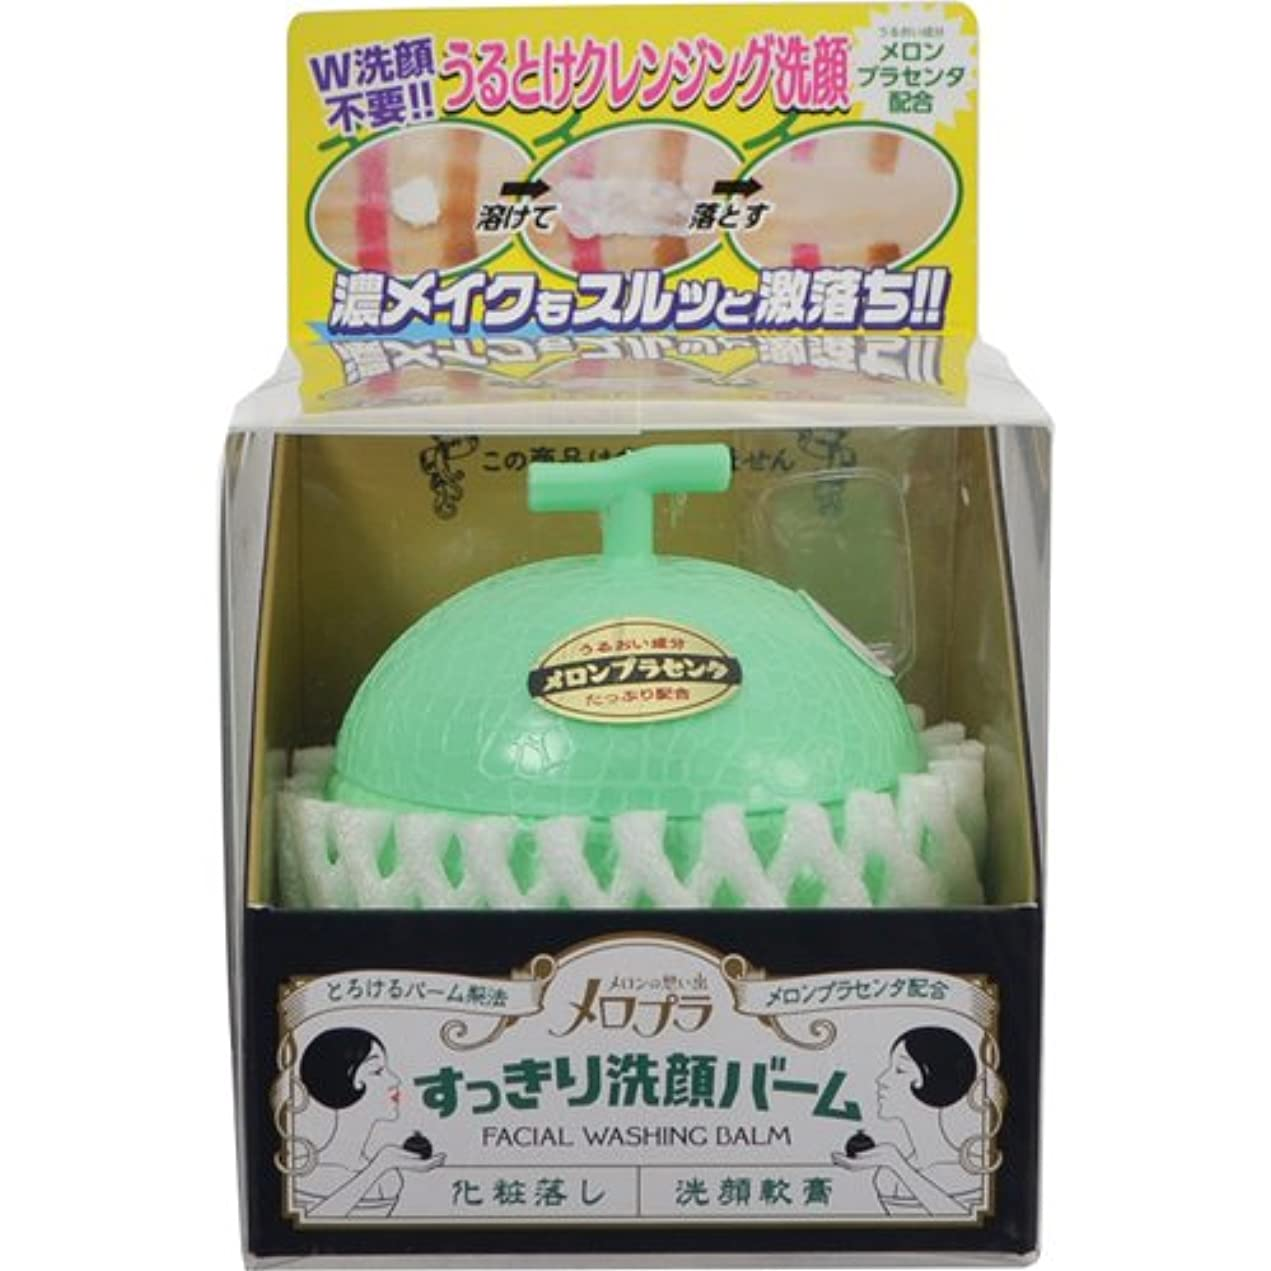 堤防なかなかソートメロプラ すっきり洗顔バーム 100g